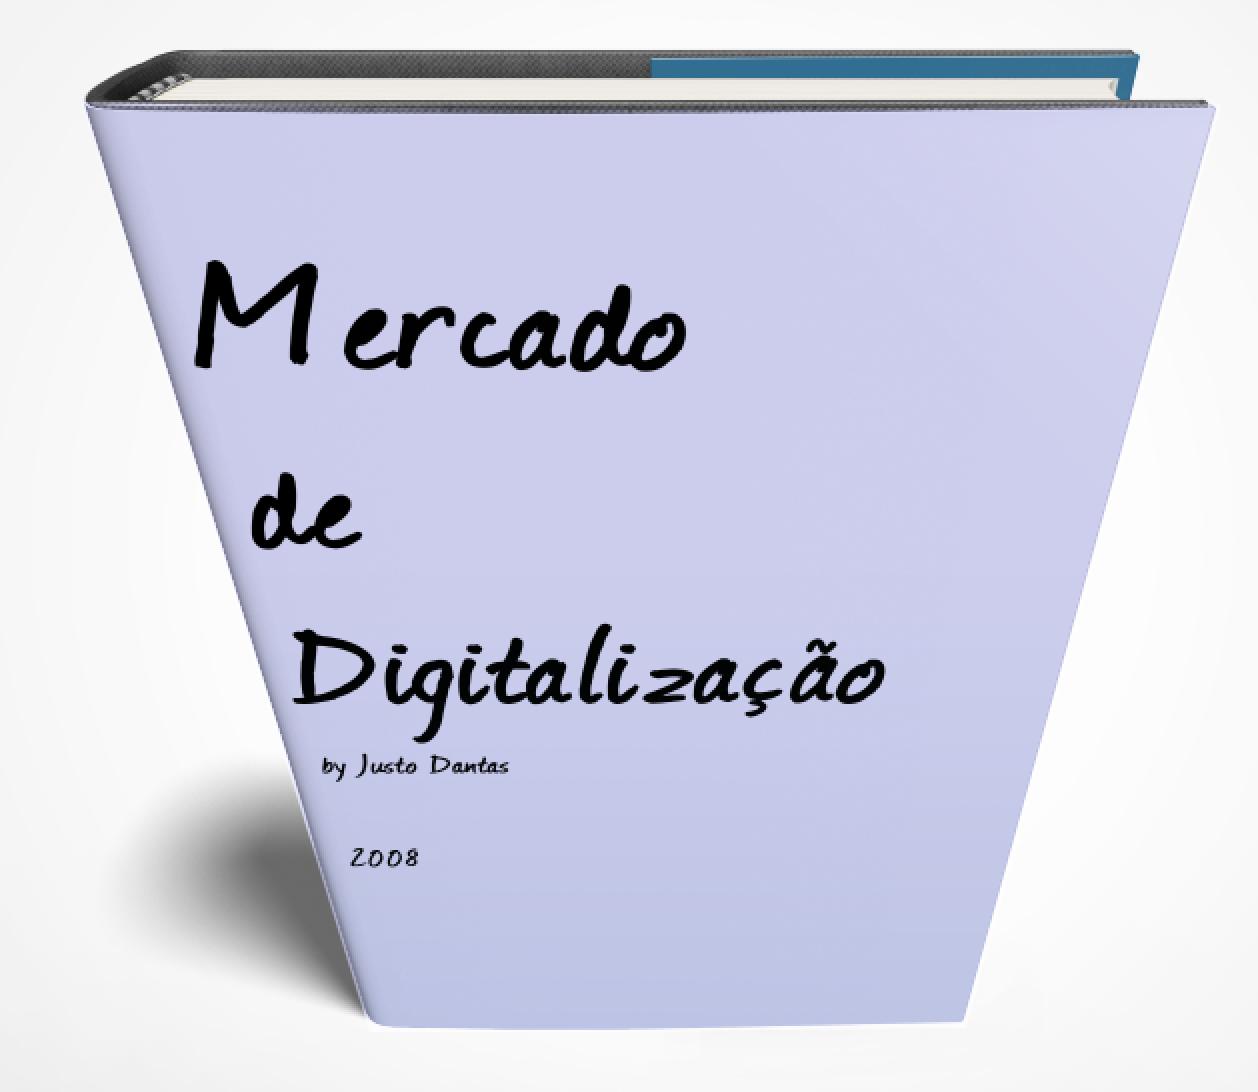 Mercado_de_digitalização_2008